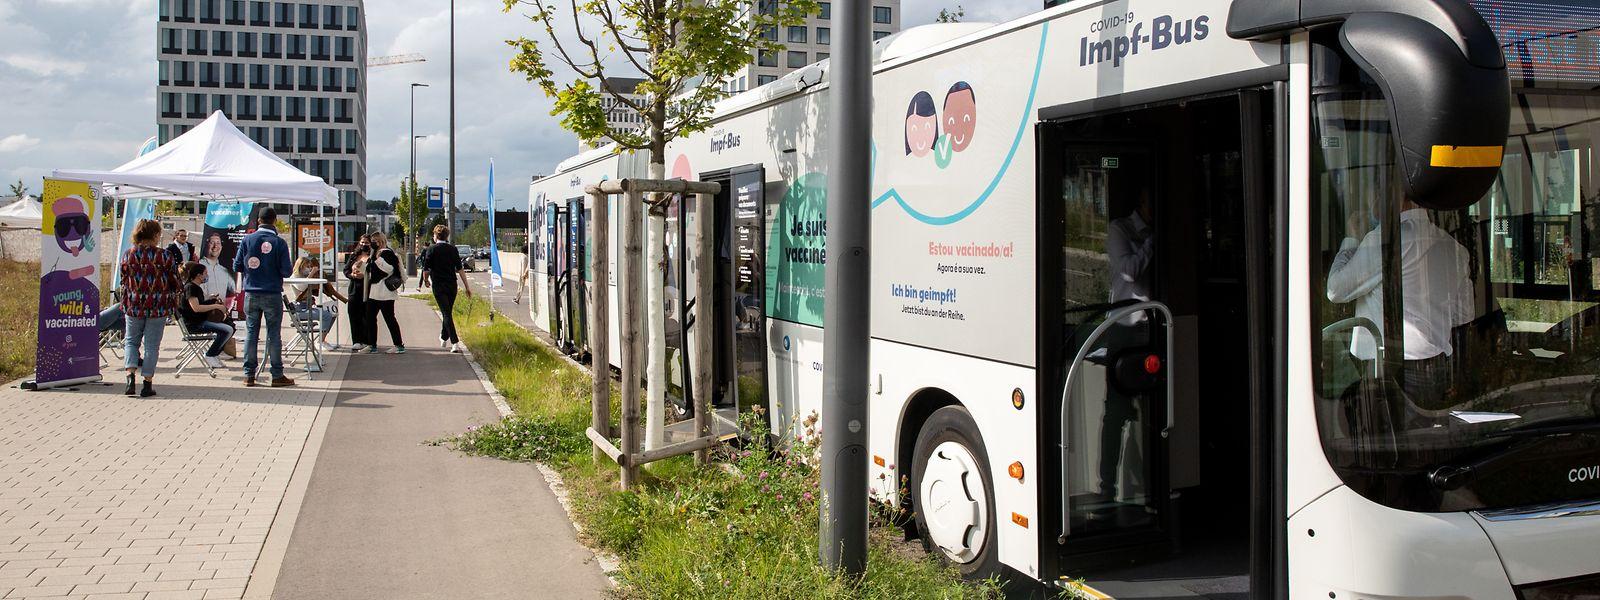 L'accès à l'Impf-bus reste totalement gratuit, pour résidents comme frontaliers.